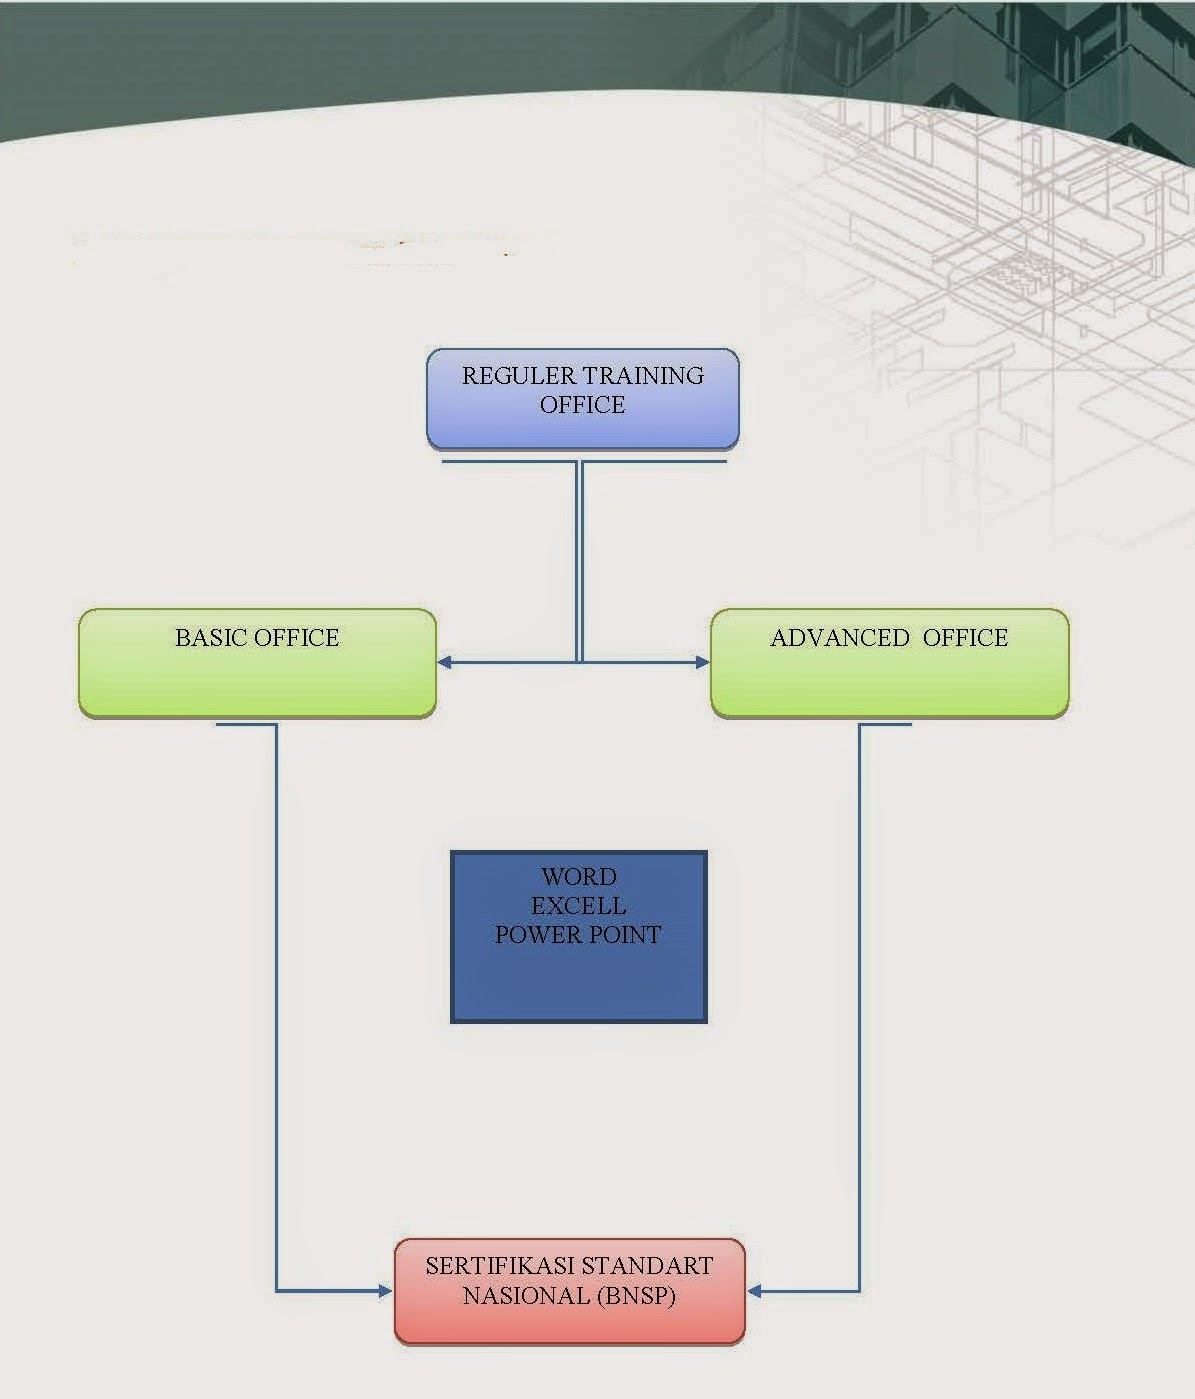 Sertifikasi Microsoft Office Untuk Karyawan Perusahaan